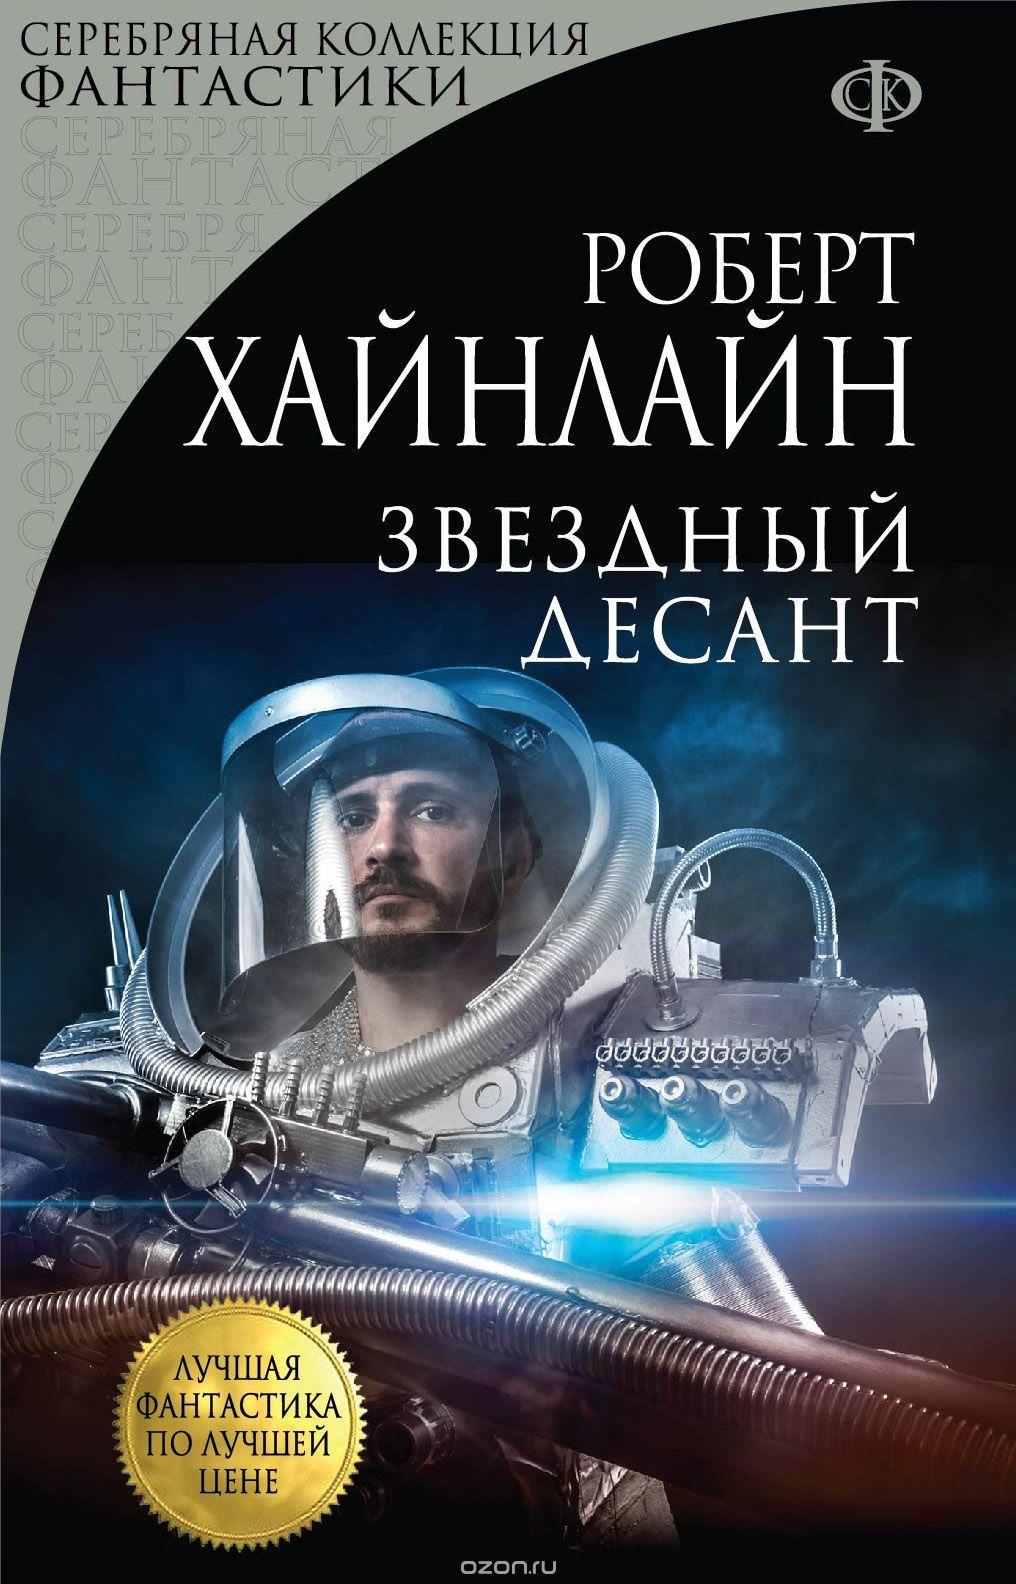 Роберт хайнлайн звездный десант книга скачать